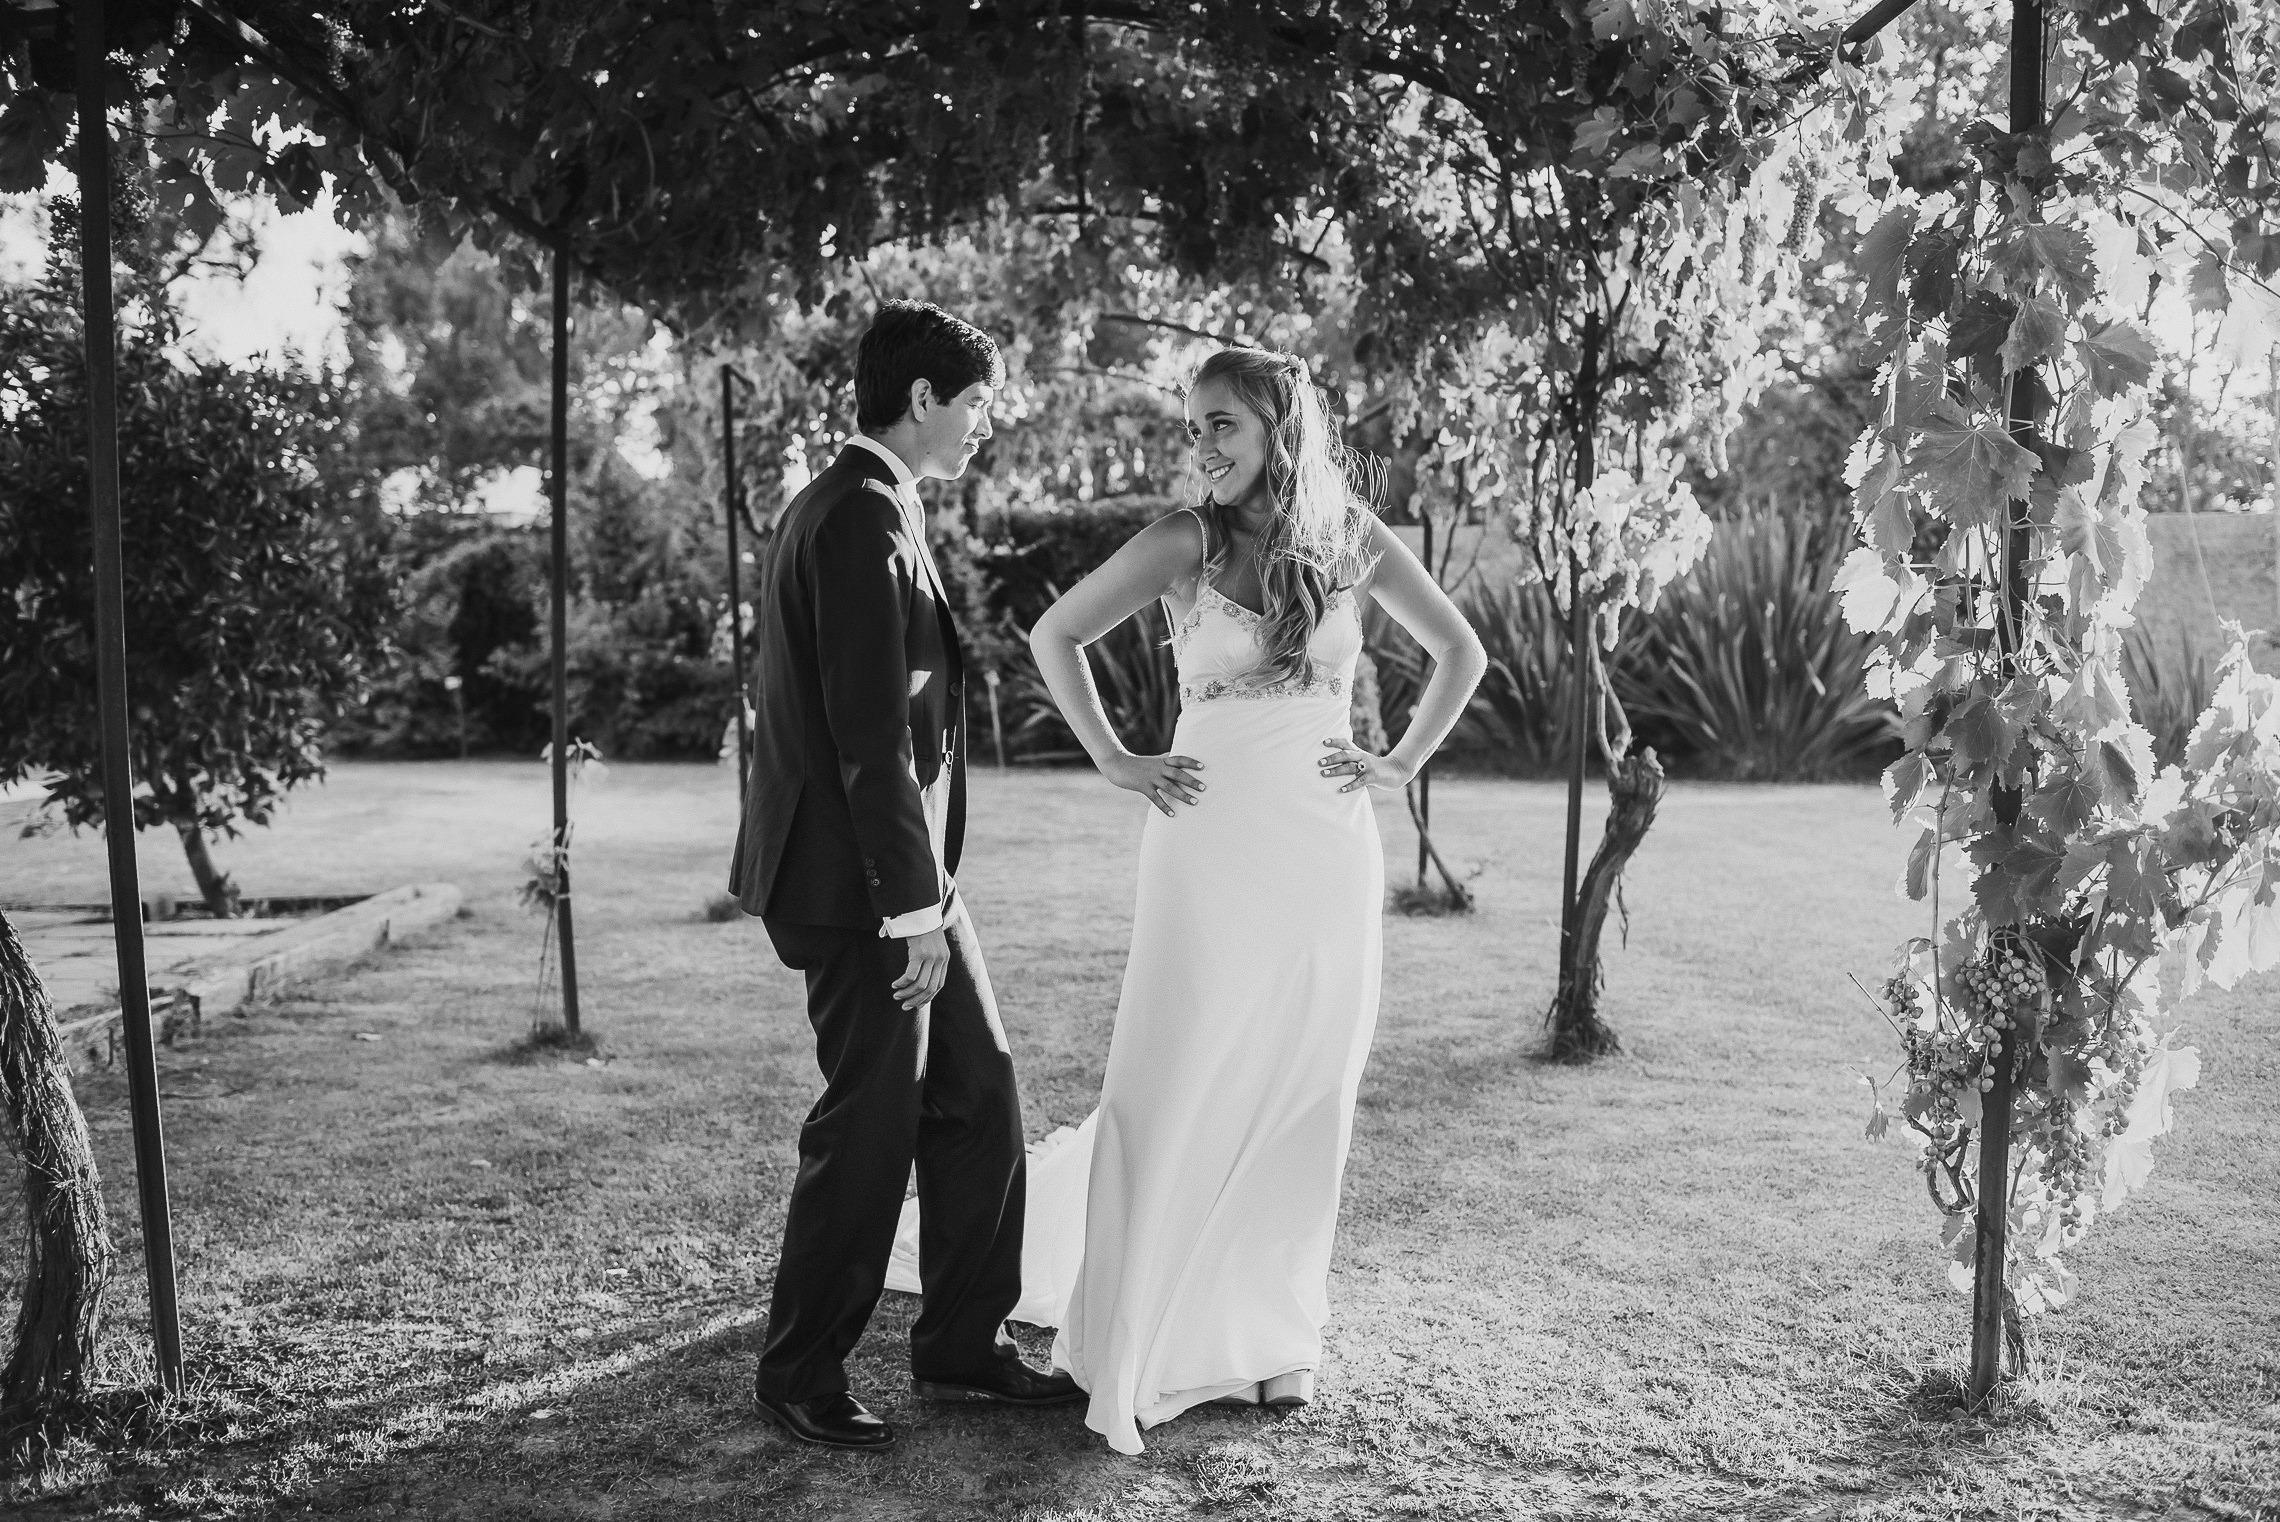 casona-la-virgen-lonquen-chile-fotografo-matrimonio-fotografia-chile